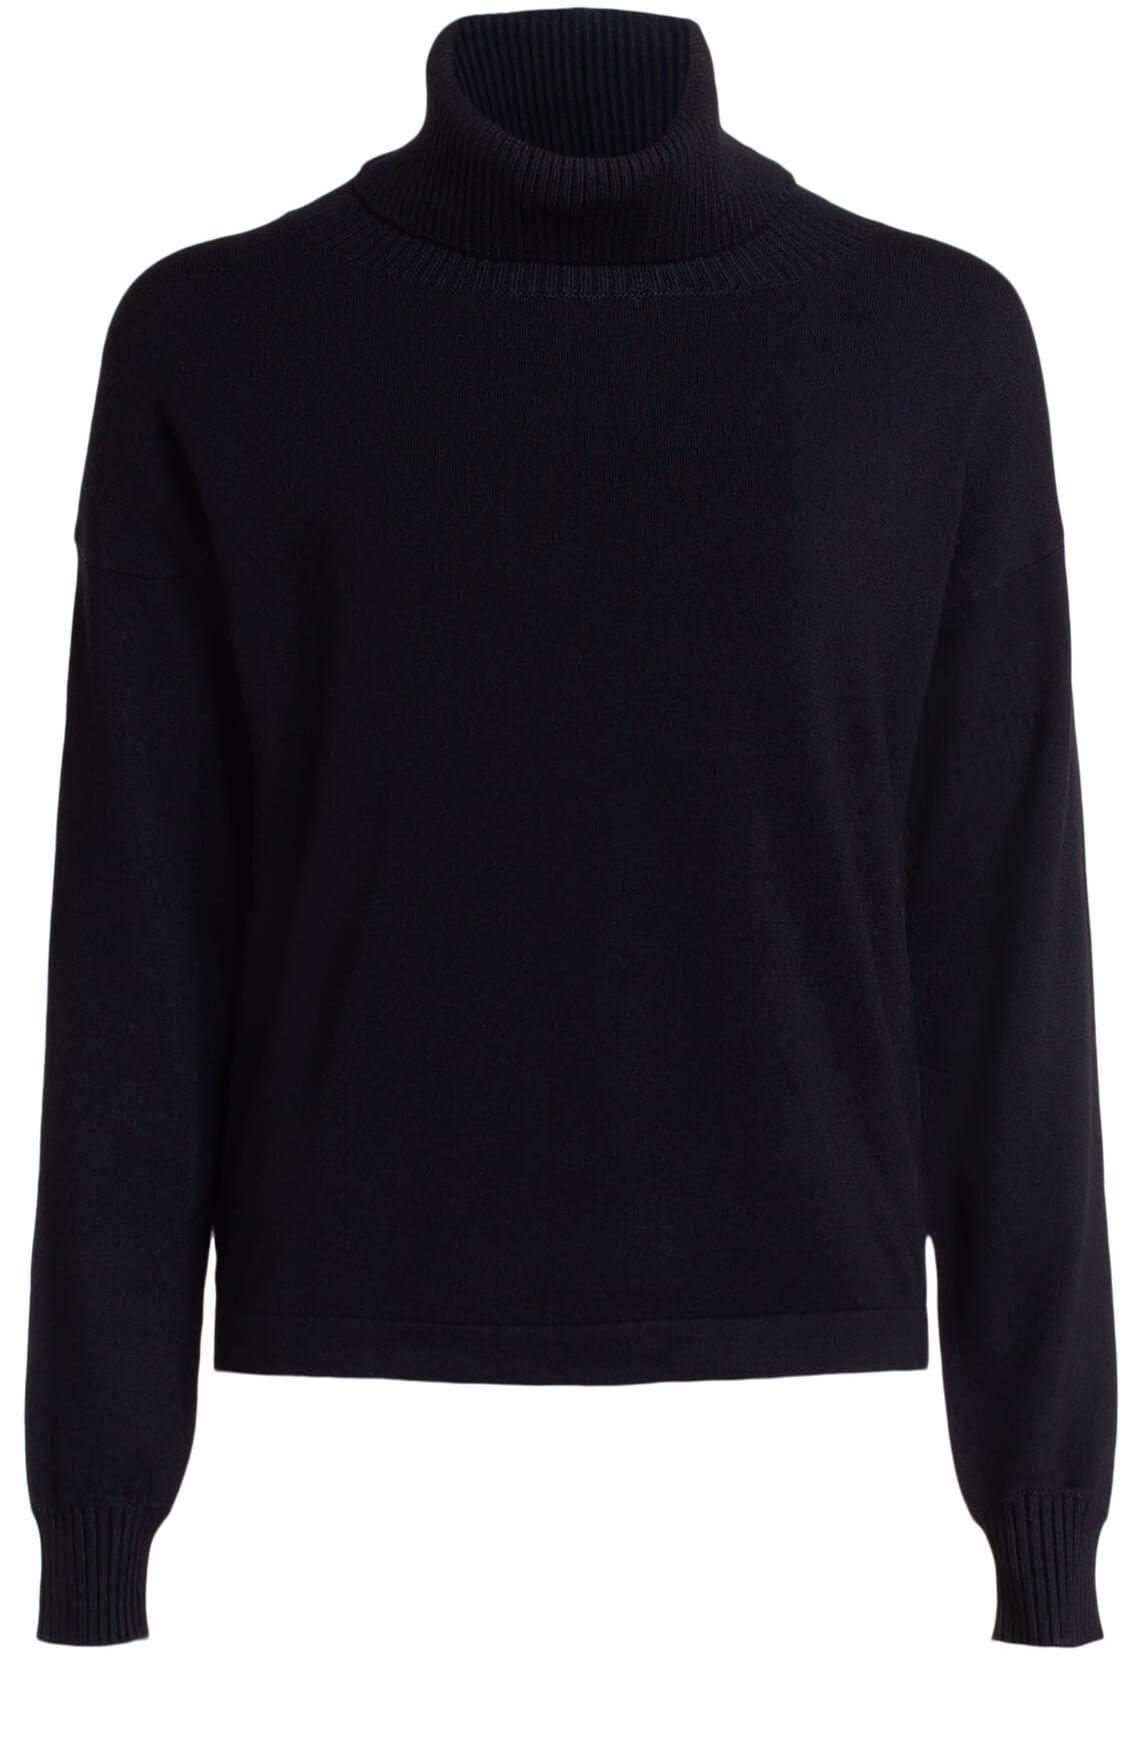 Anna Dames Pullover met gebreide col zwart